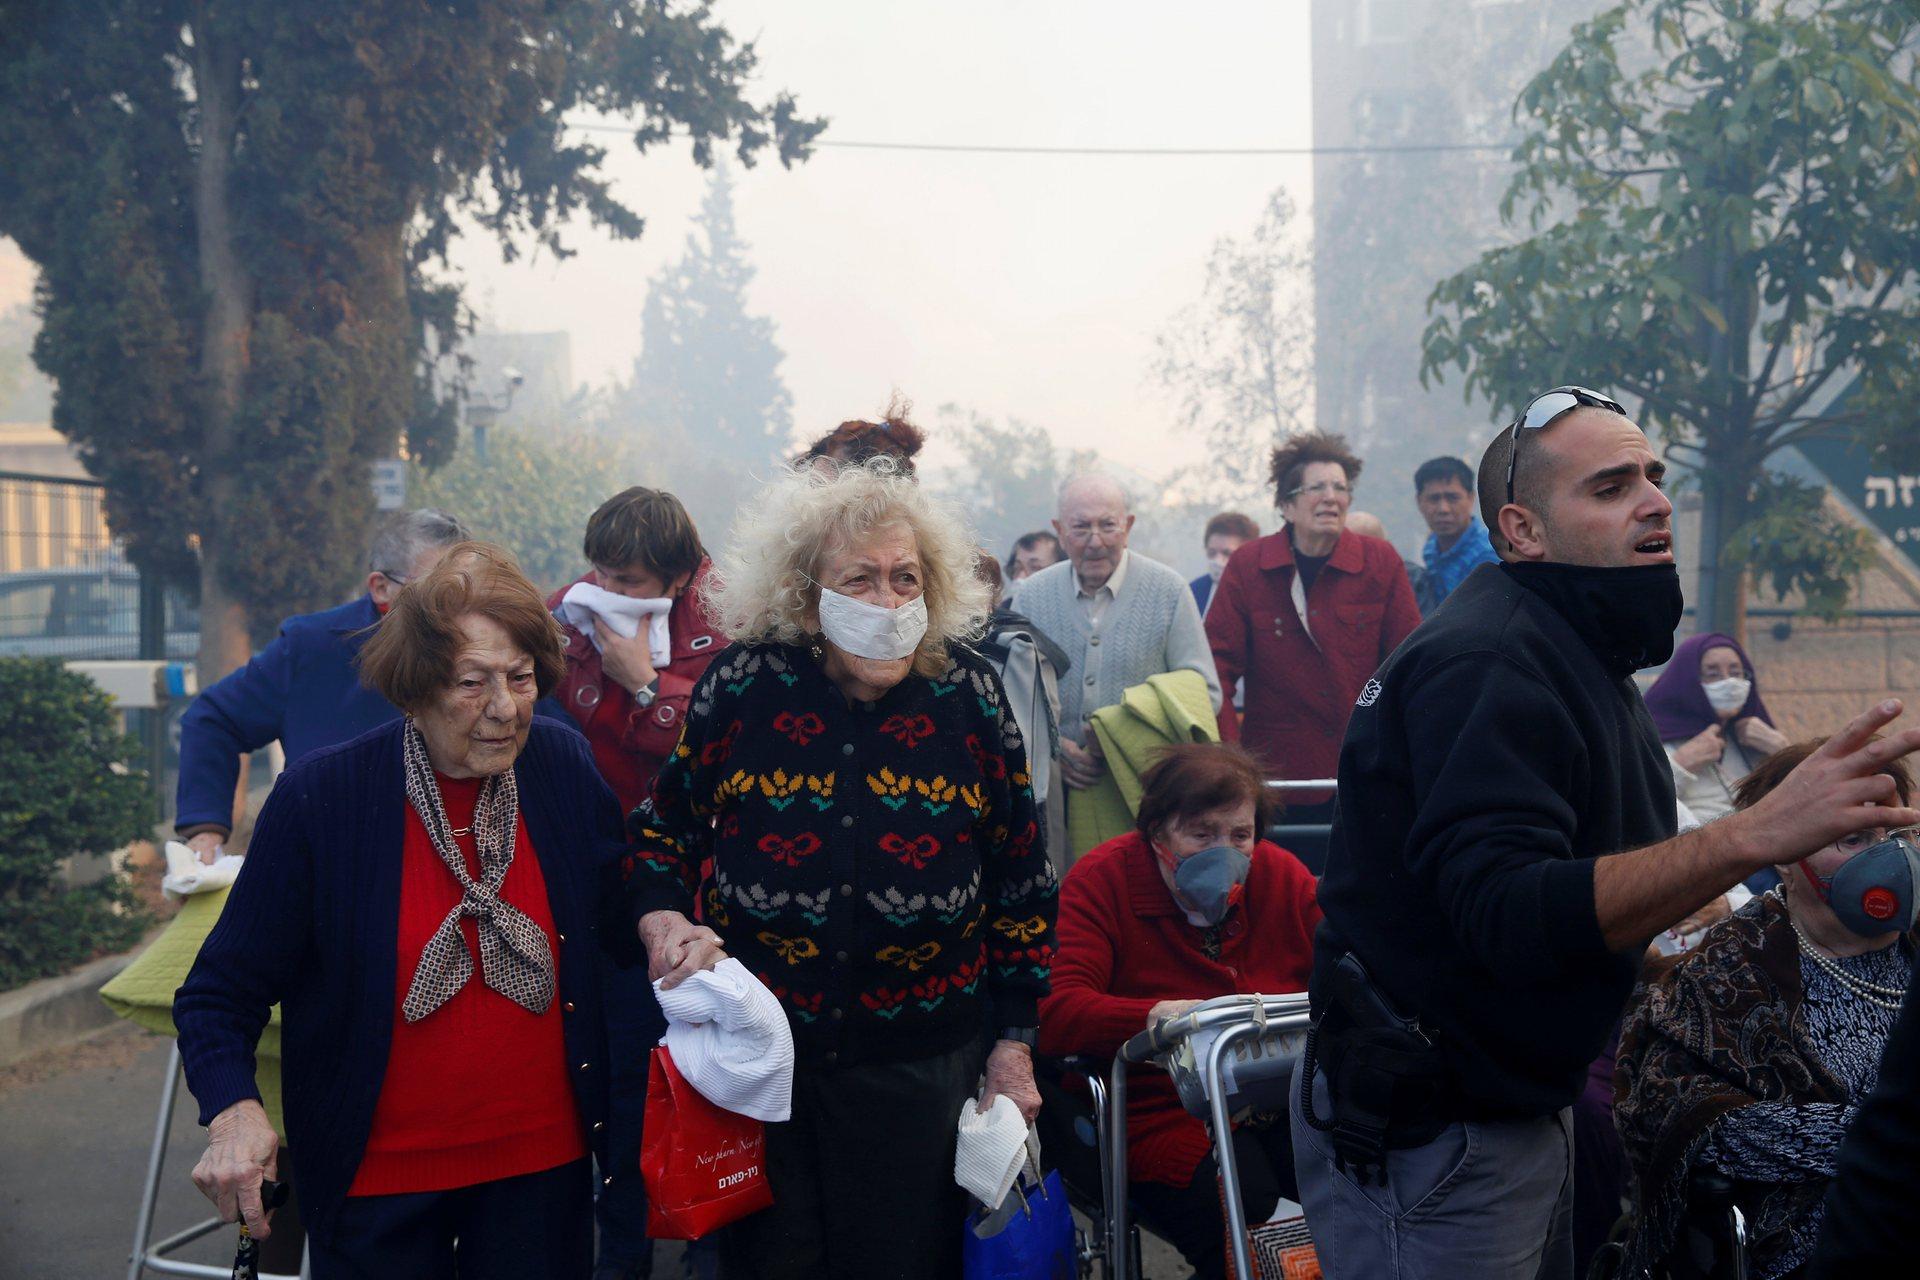 Огонь бушует в районе поселка Натаф близ Иерусалима, леса и кустарники горят также в районе Латруна